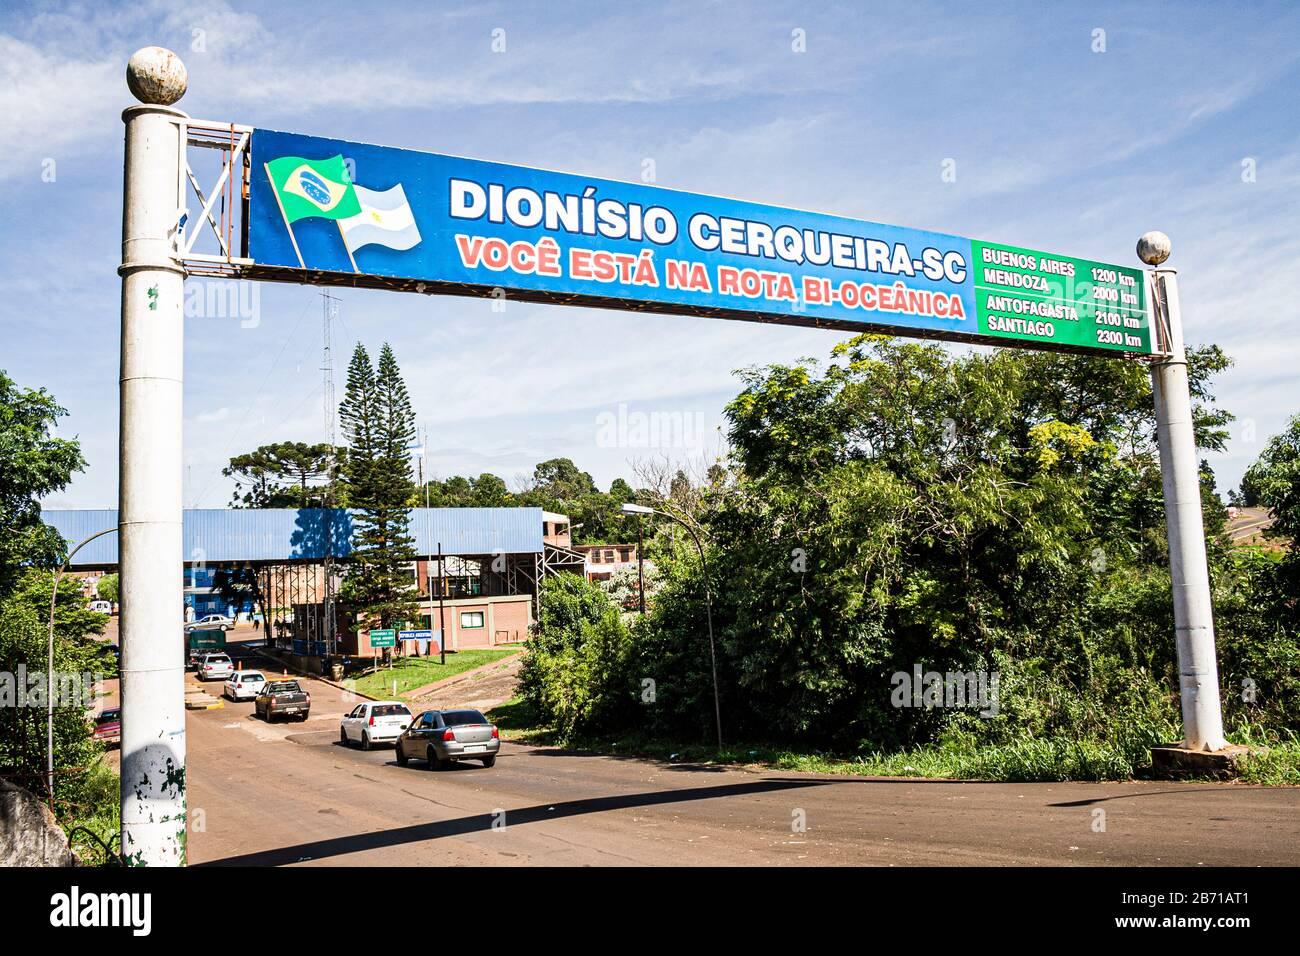 Dionísio Cerqueira Santa Catarina fonte: c8.alamy.com